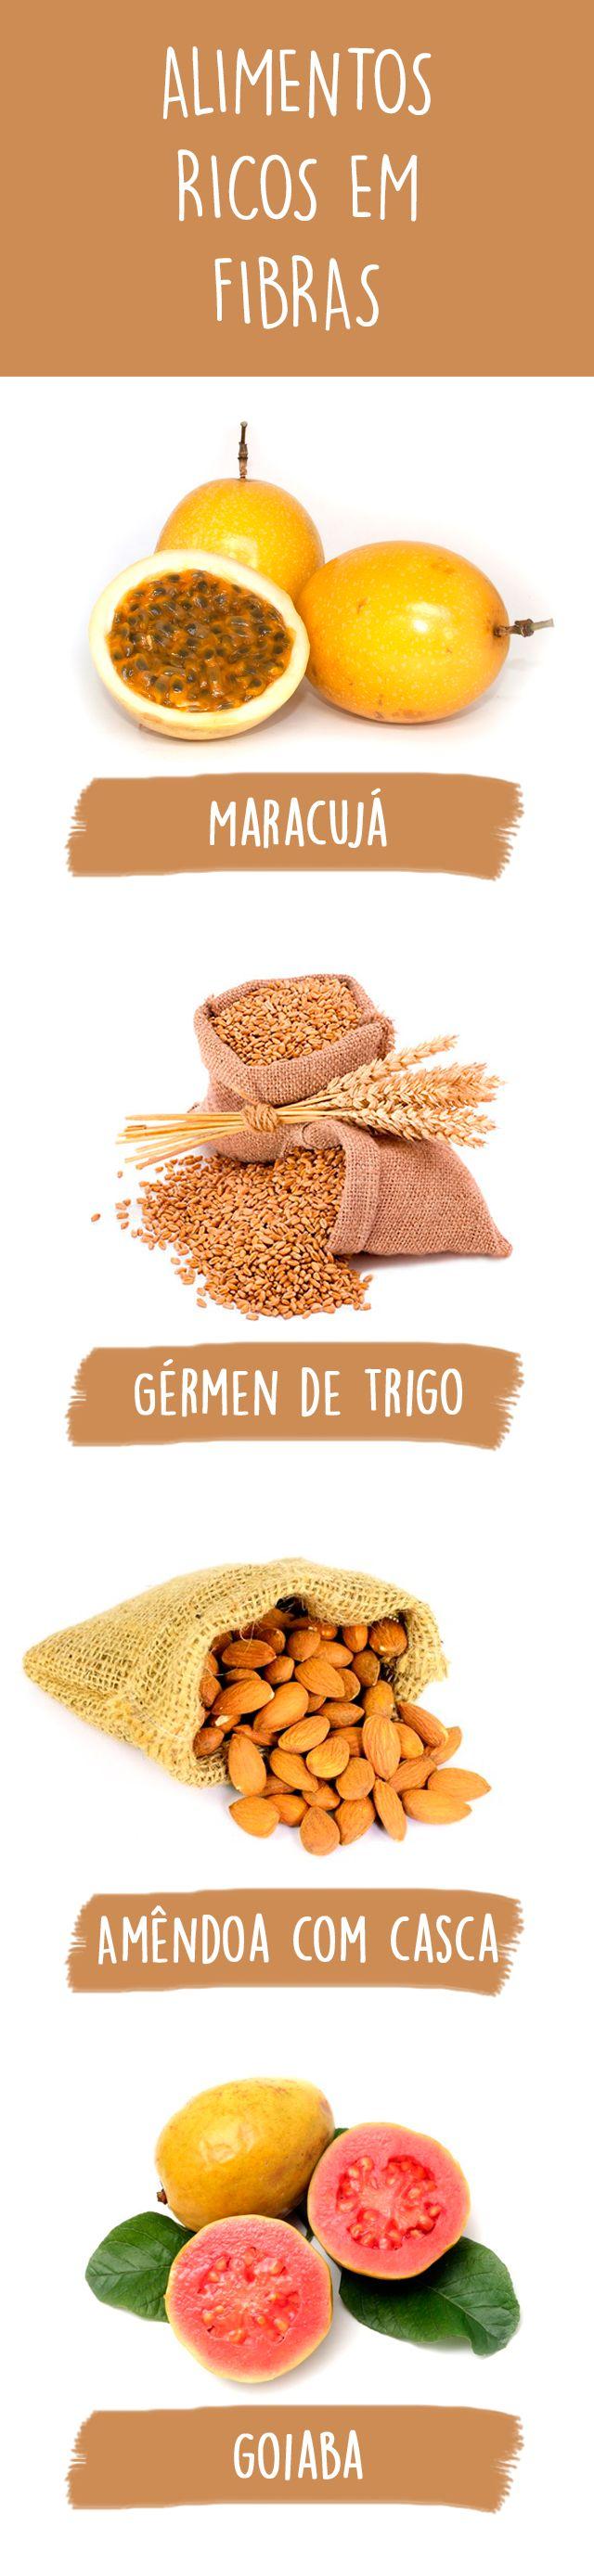 Os alimentos ricos em fibras são, essencialmente, os alimentos de origem vegetal, como cereais, frutas, vegetais, leguminosas e frutas secas.